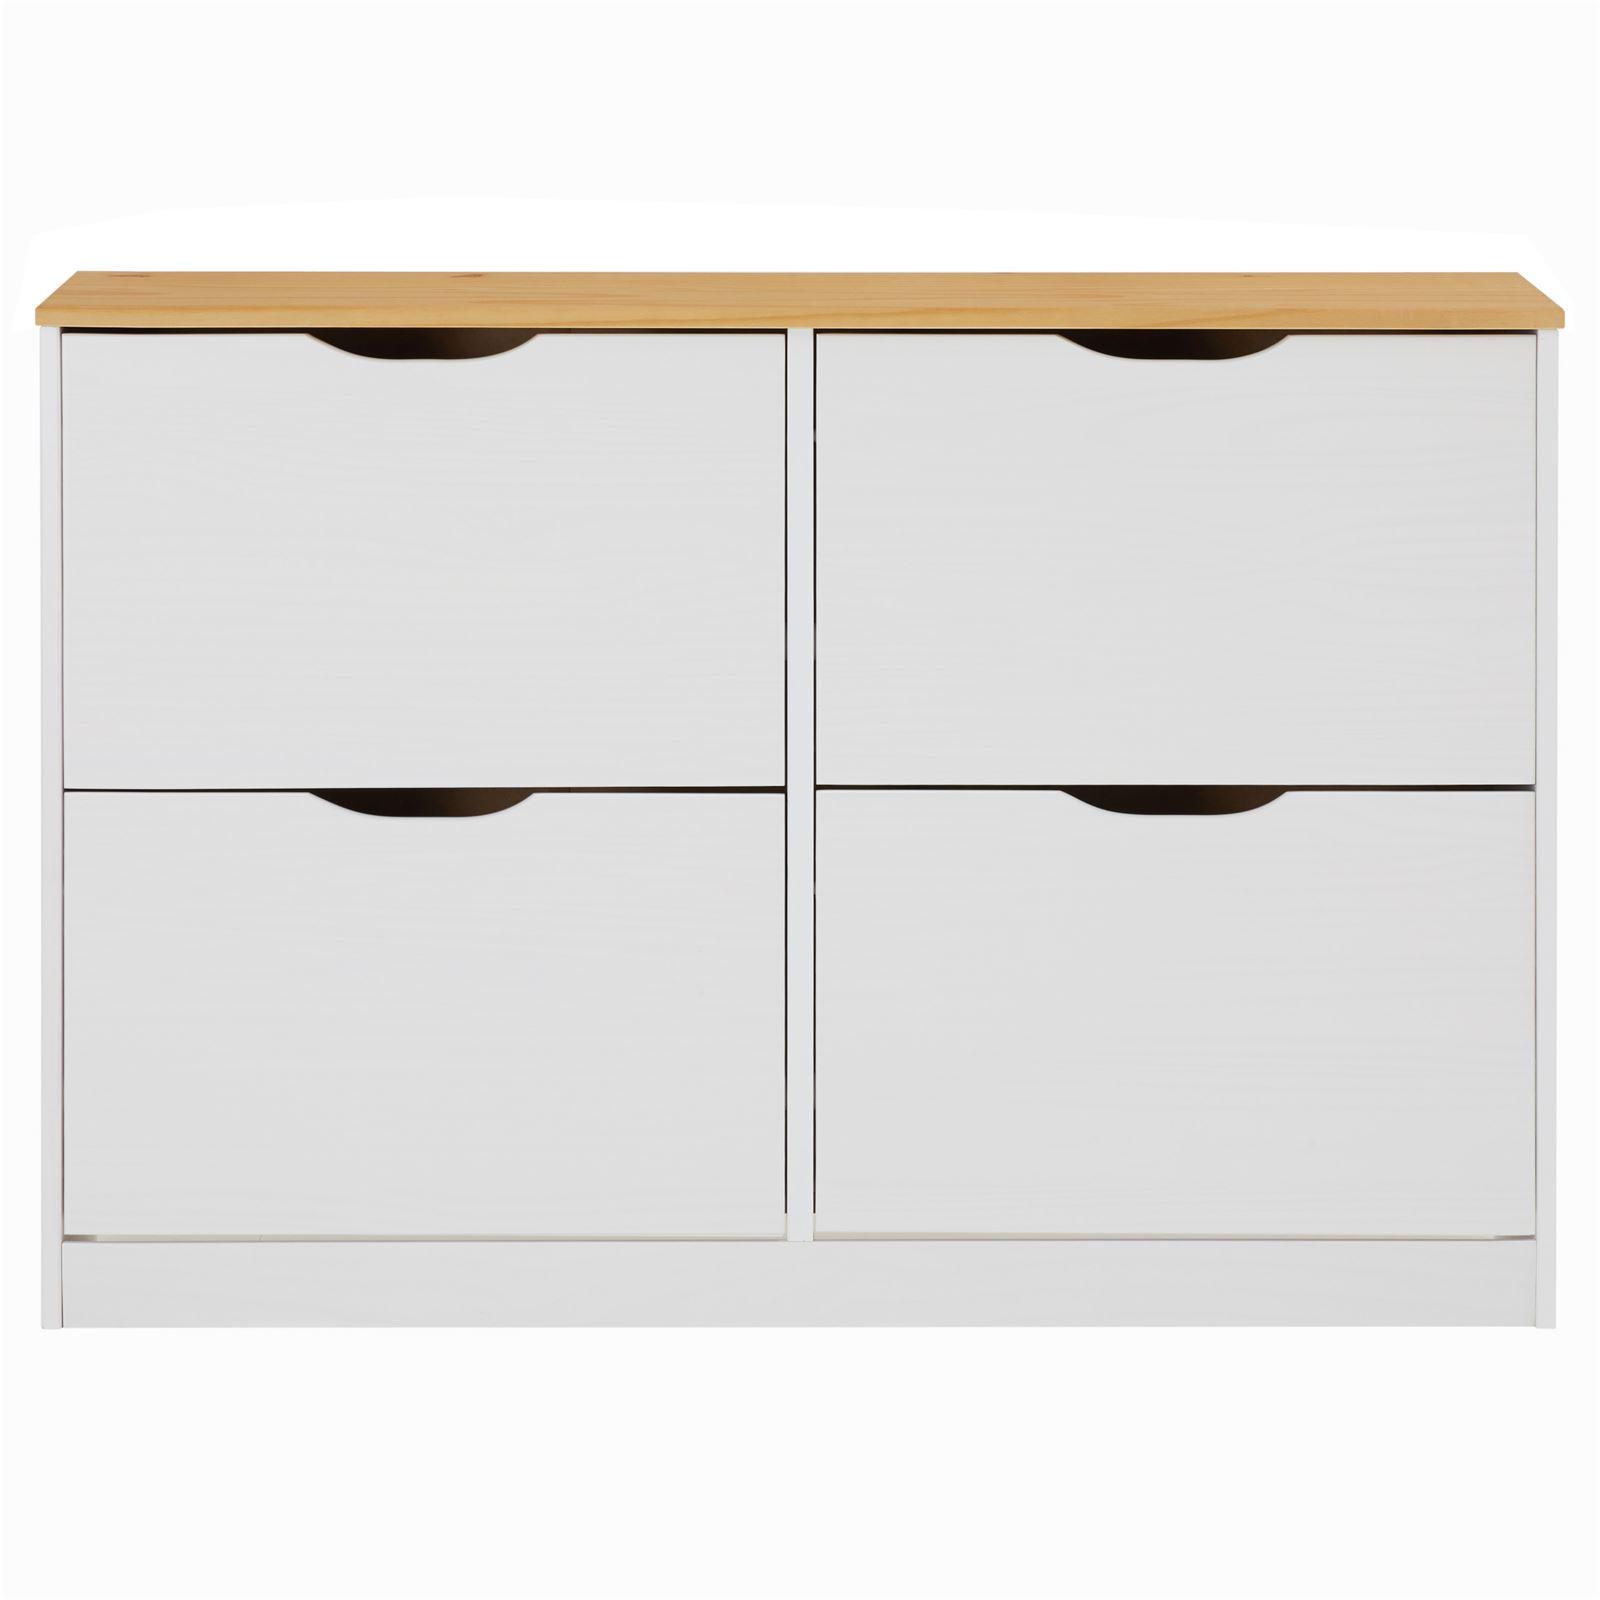 Wohnzimmer Sitzsack Chacos In Weiß Taupe: Schuhschrank BASIL In Taupe Mit 2x2 Kipper Weiß/braun